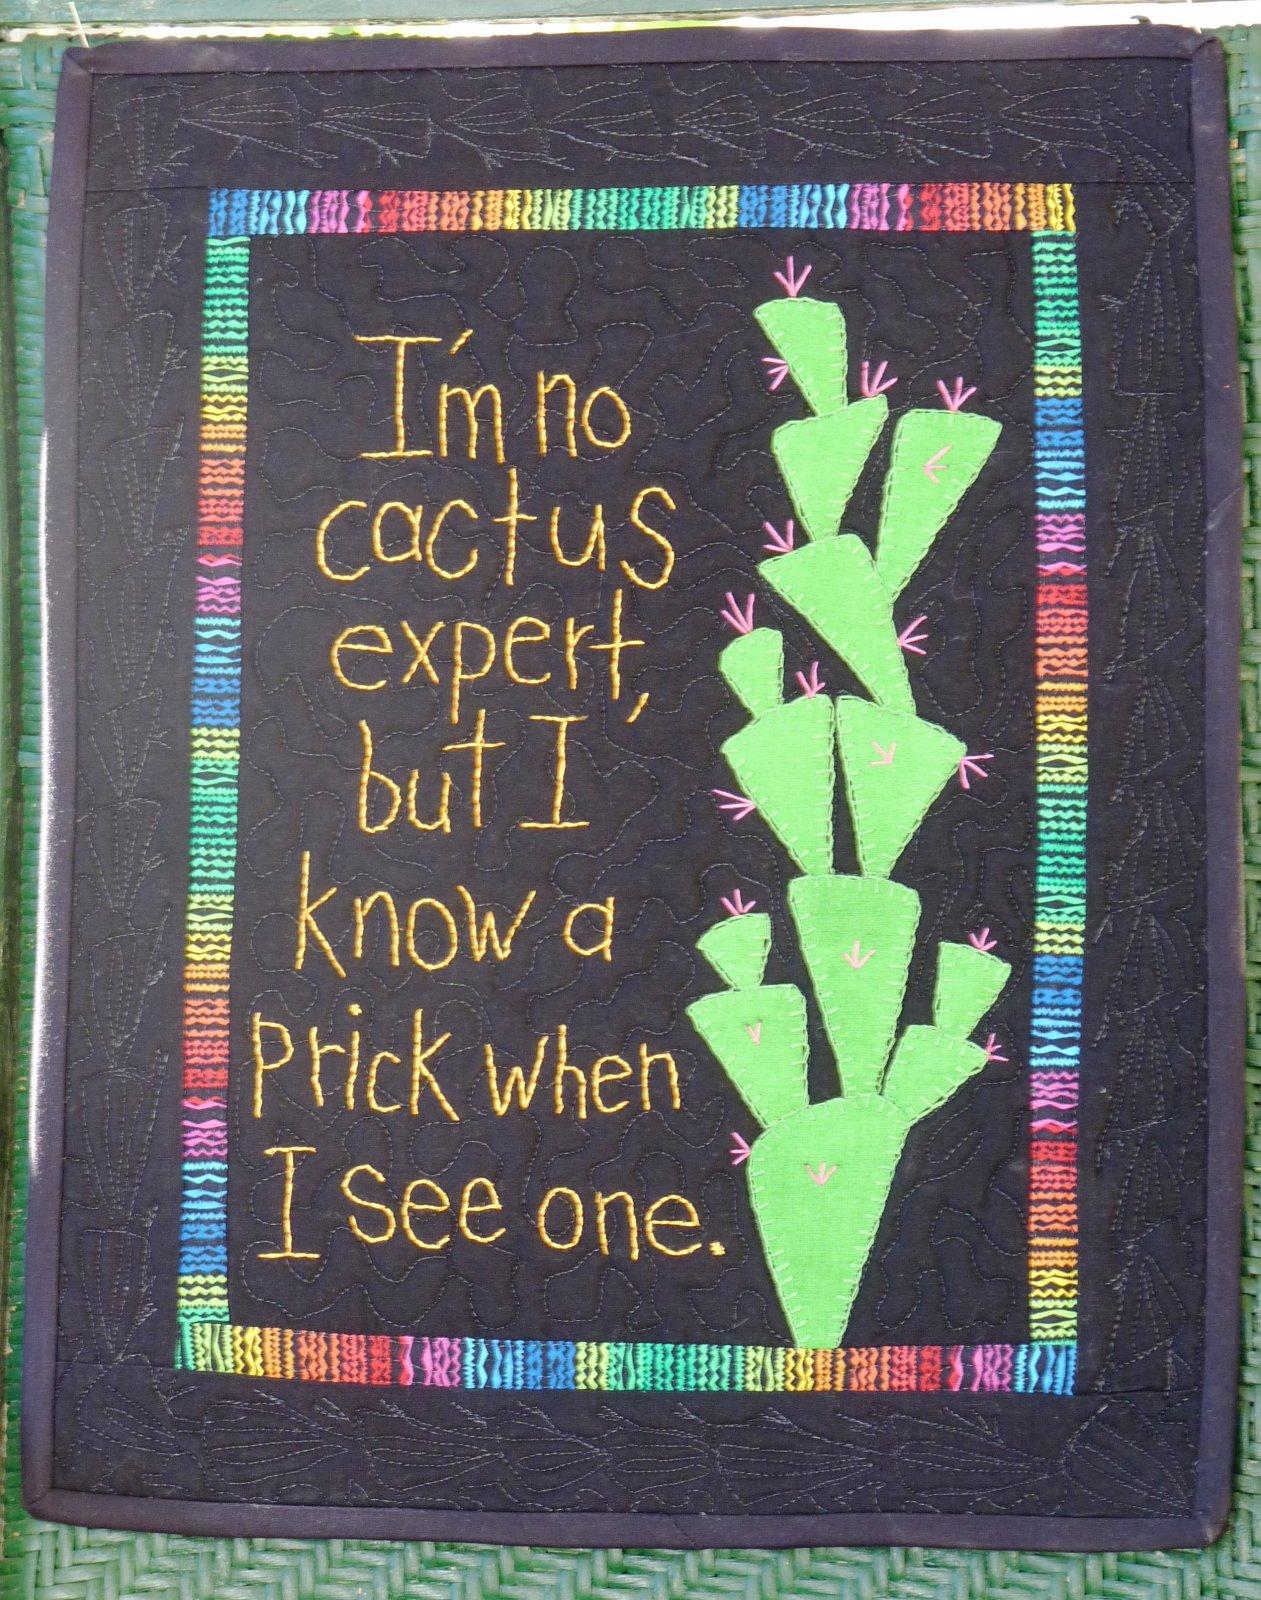 617 Cactus Expert